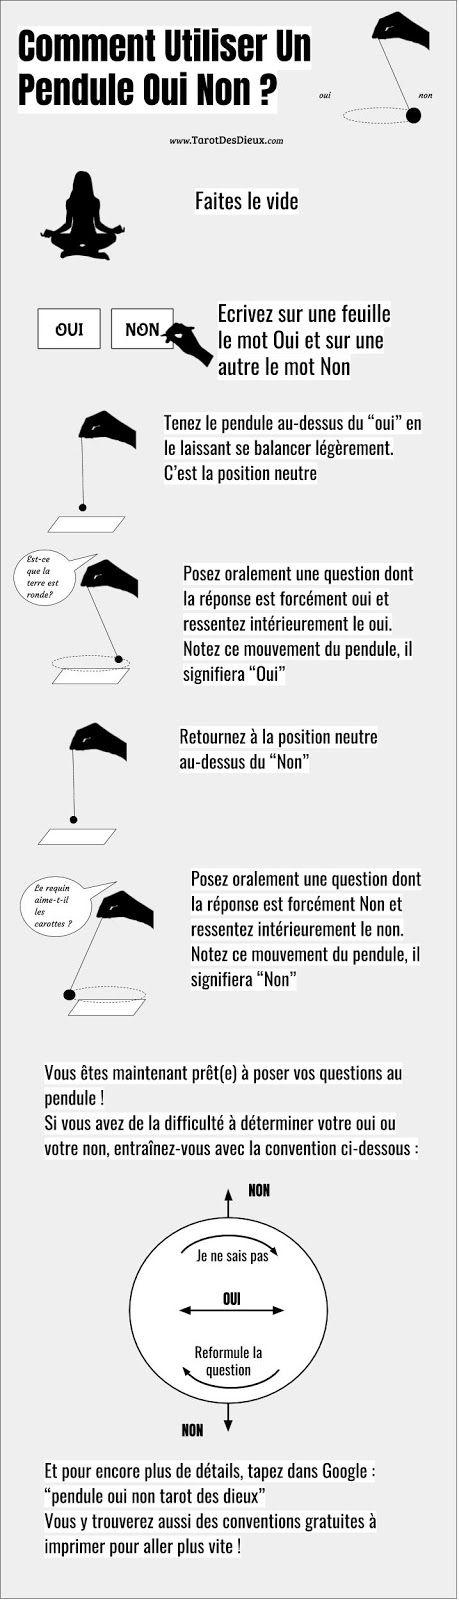 Comment Se Servir D'un Pendule : comment, servir, pendule, Pendule, Ligne, Comment, L'utiliser, Pendule,